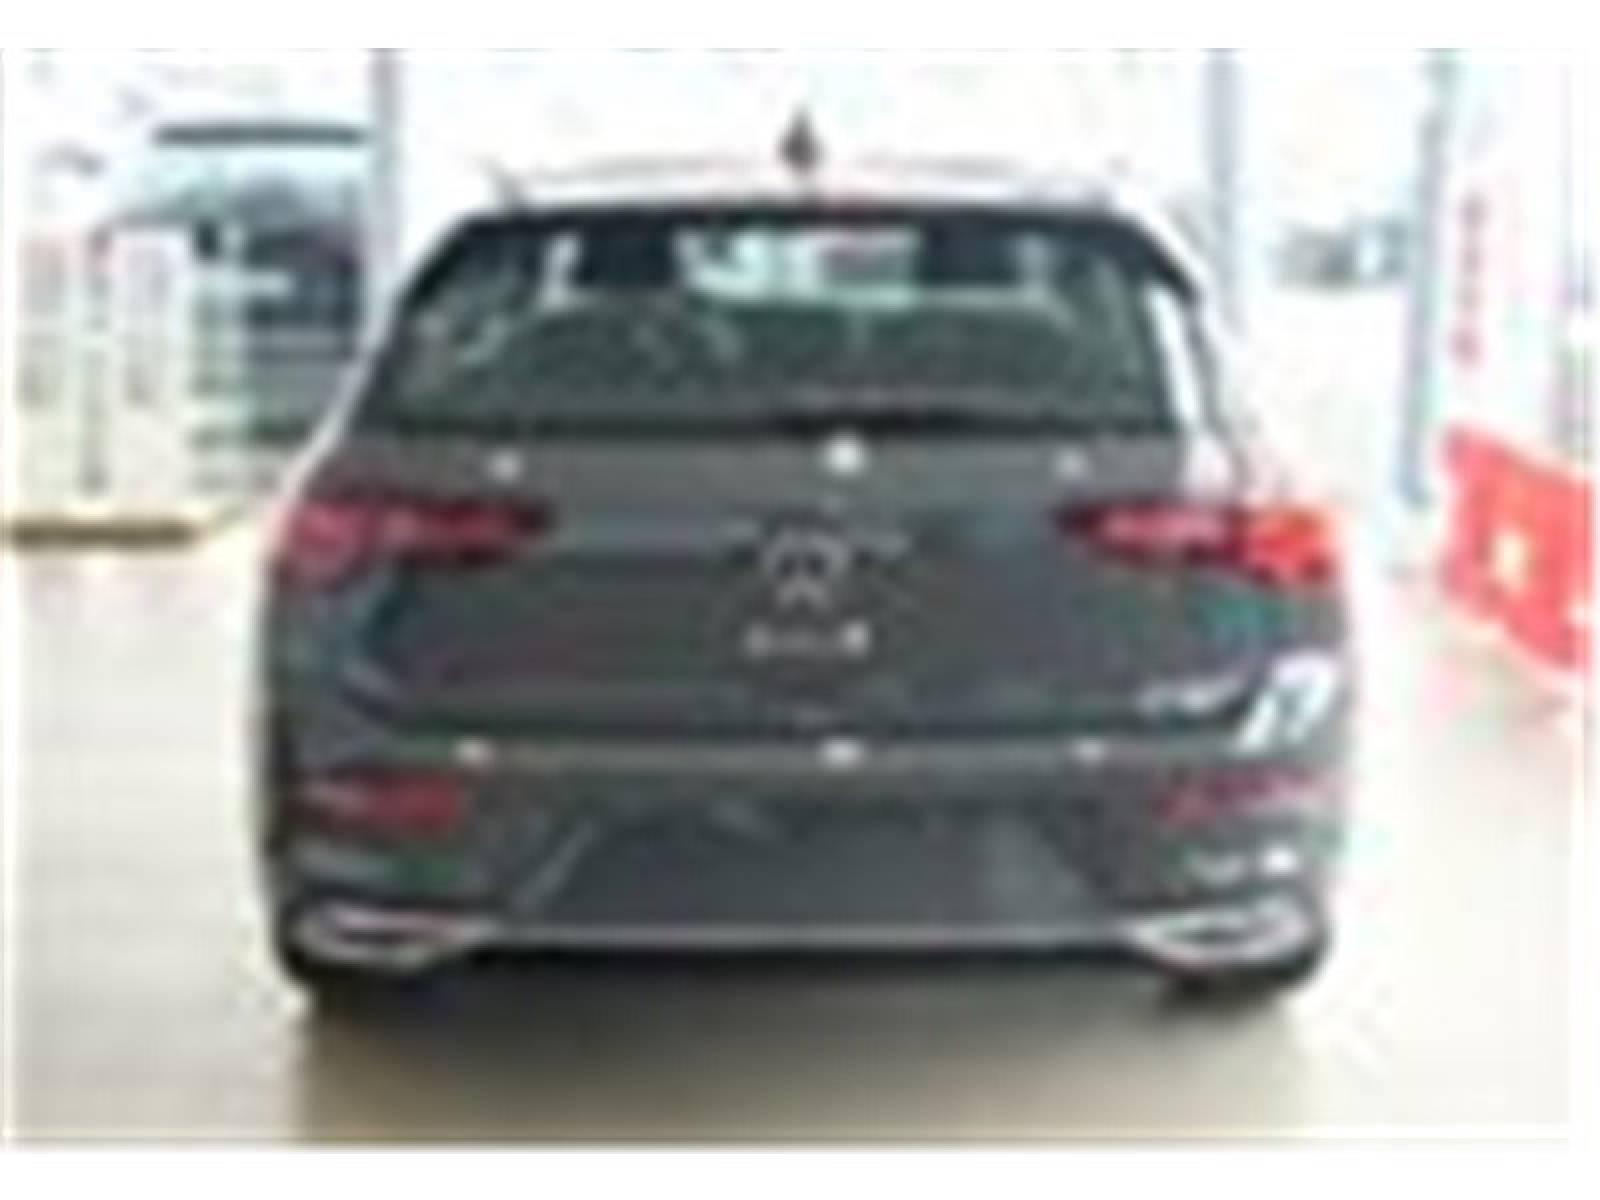 VOLKSWAGEN Golf 1.5 eTSI OPF 150 DSG7 - véhicule neuf - LEMAUVIEL AUTOMOBILES - Présentation site web V2 - Lemauviel automobiles - AVRANCHES - 50300 - LE VAL-SAINT-PÈRE - 3